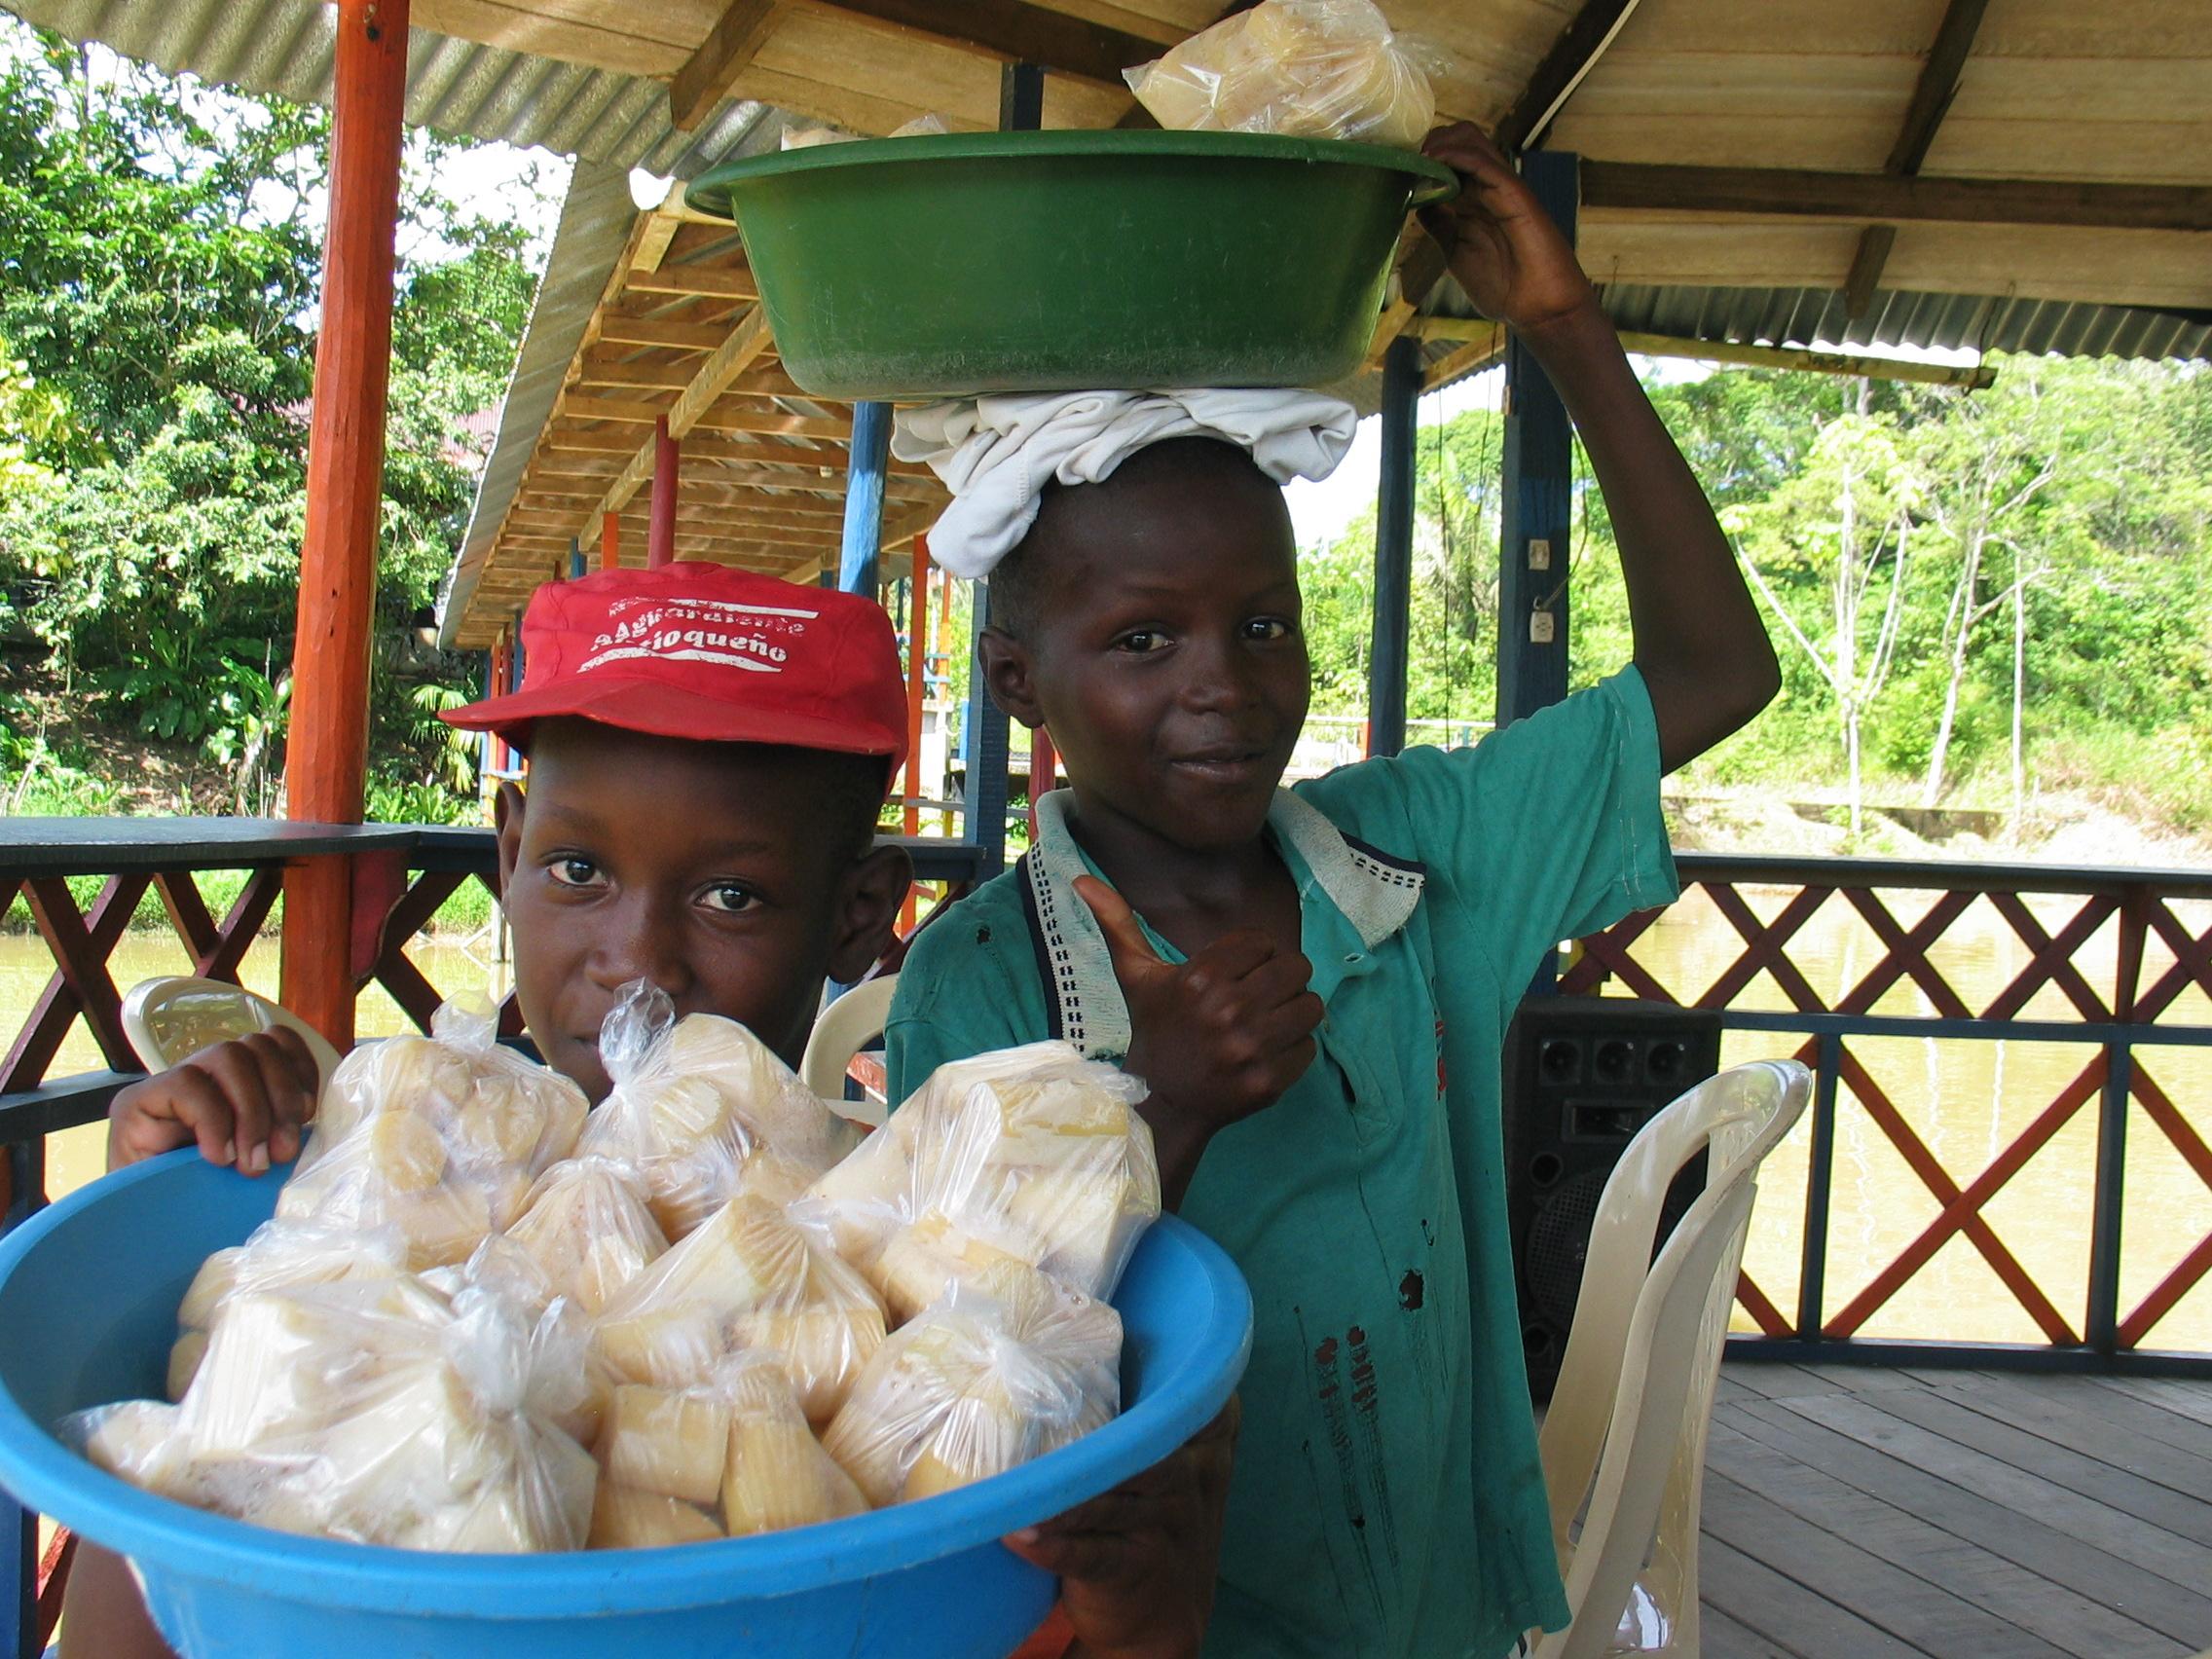 Kids selling sugar cane in Quibdo, Choco 8-27-06.JPG